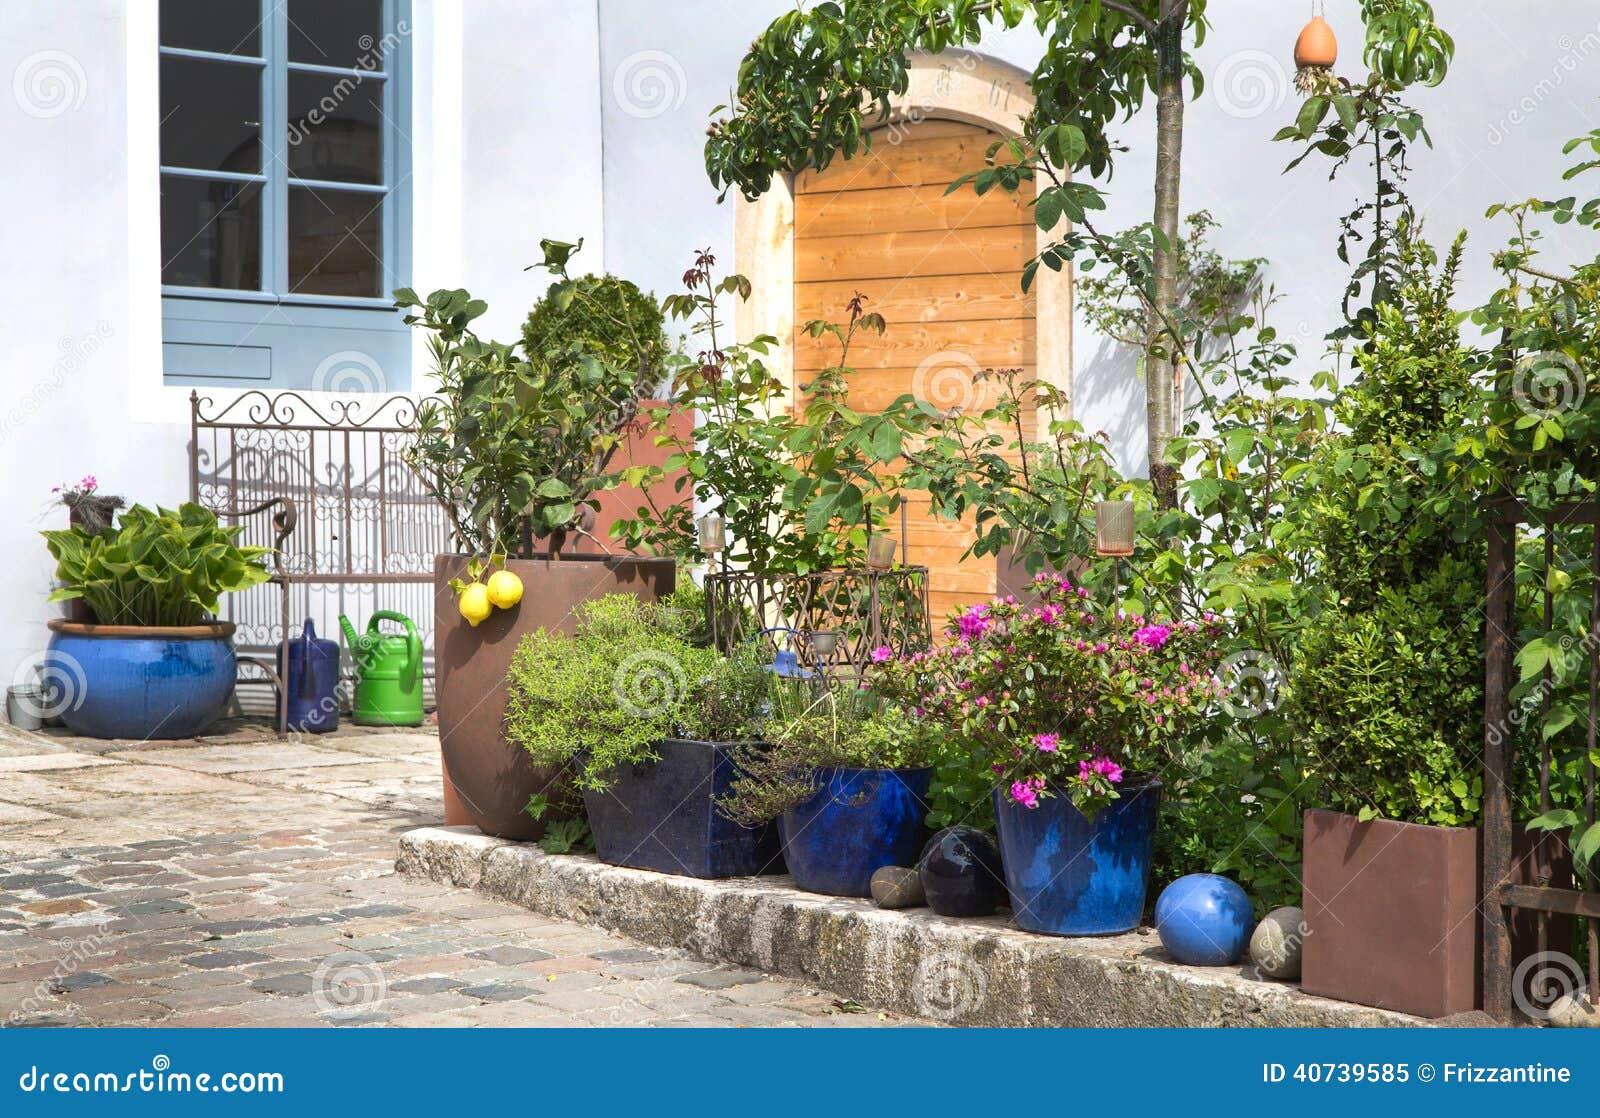 des fleurs dans des pots de terre cuite faites du. Black Bedroom Furniture Sets. Home Design Ideas